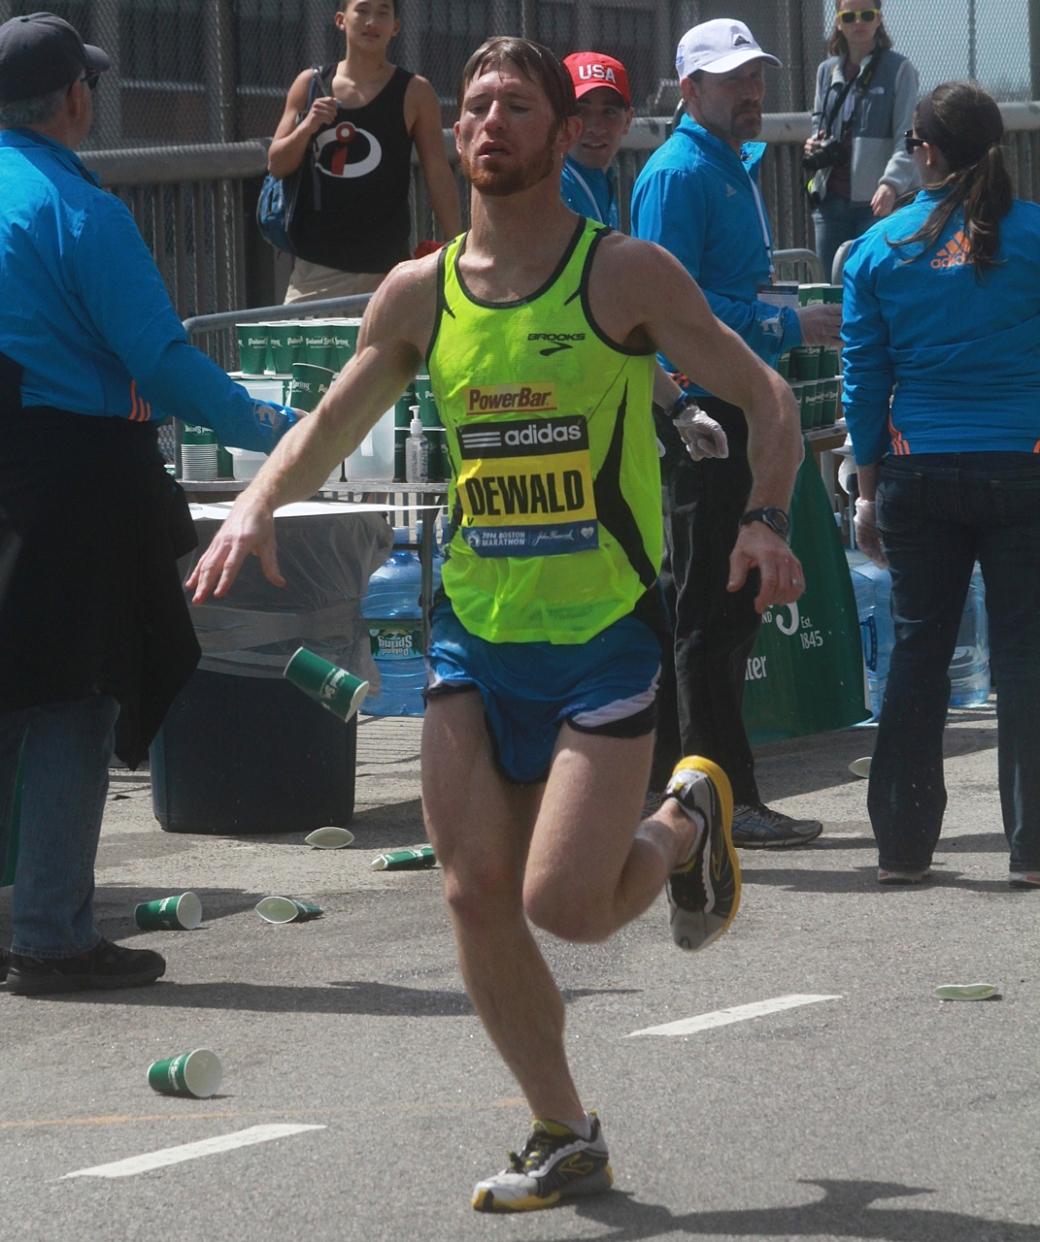 boston marathon april 21 beacon street elite runners dewald 3